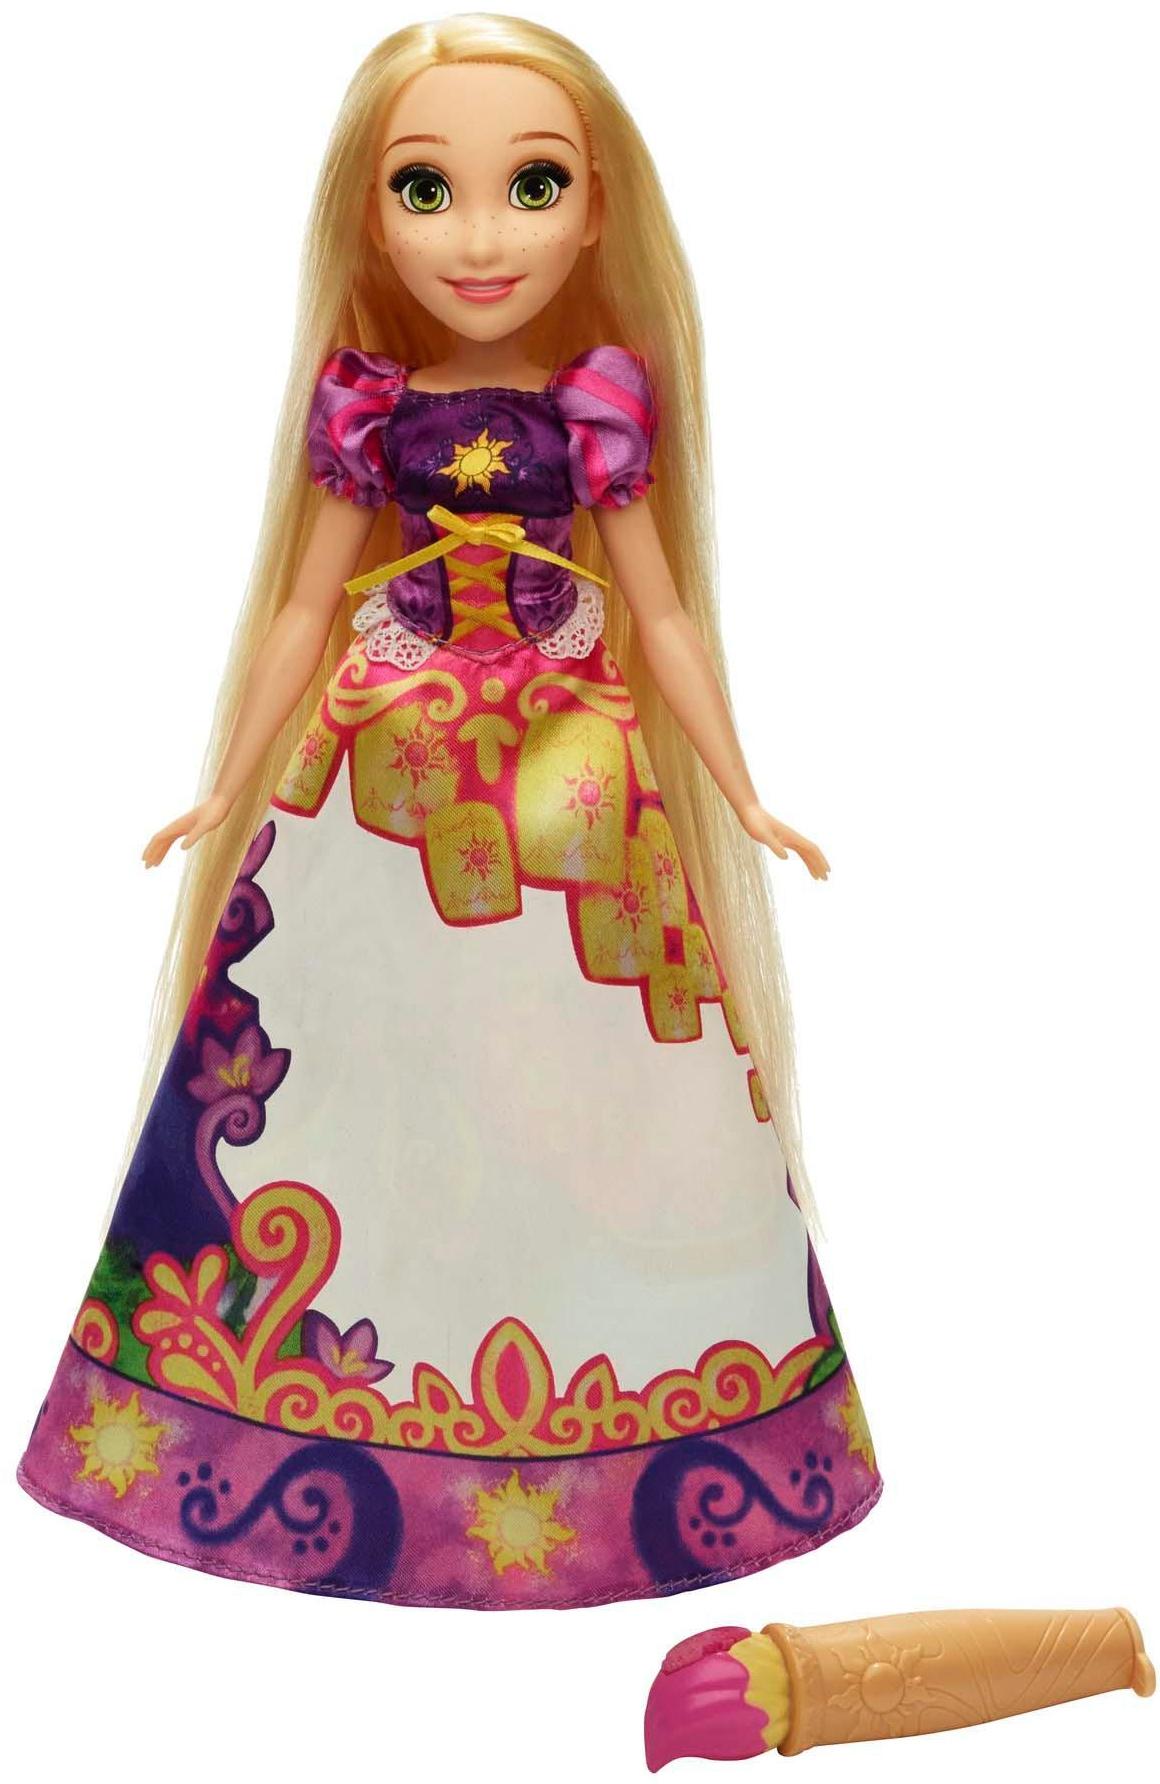 Disney Princess Disney Princess Принцесса в юбке с проявляющимся принтом hasbro кукла золушка с проявляющимся принтом